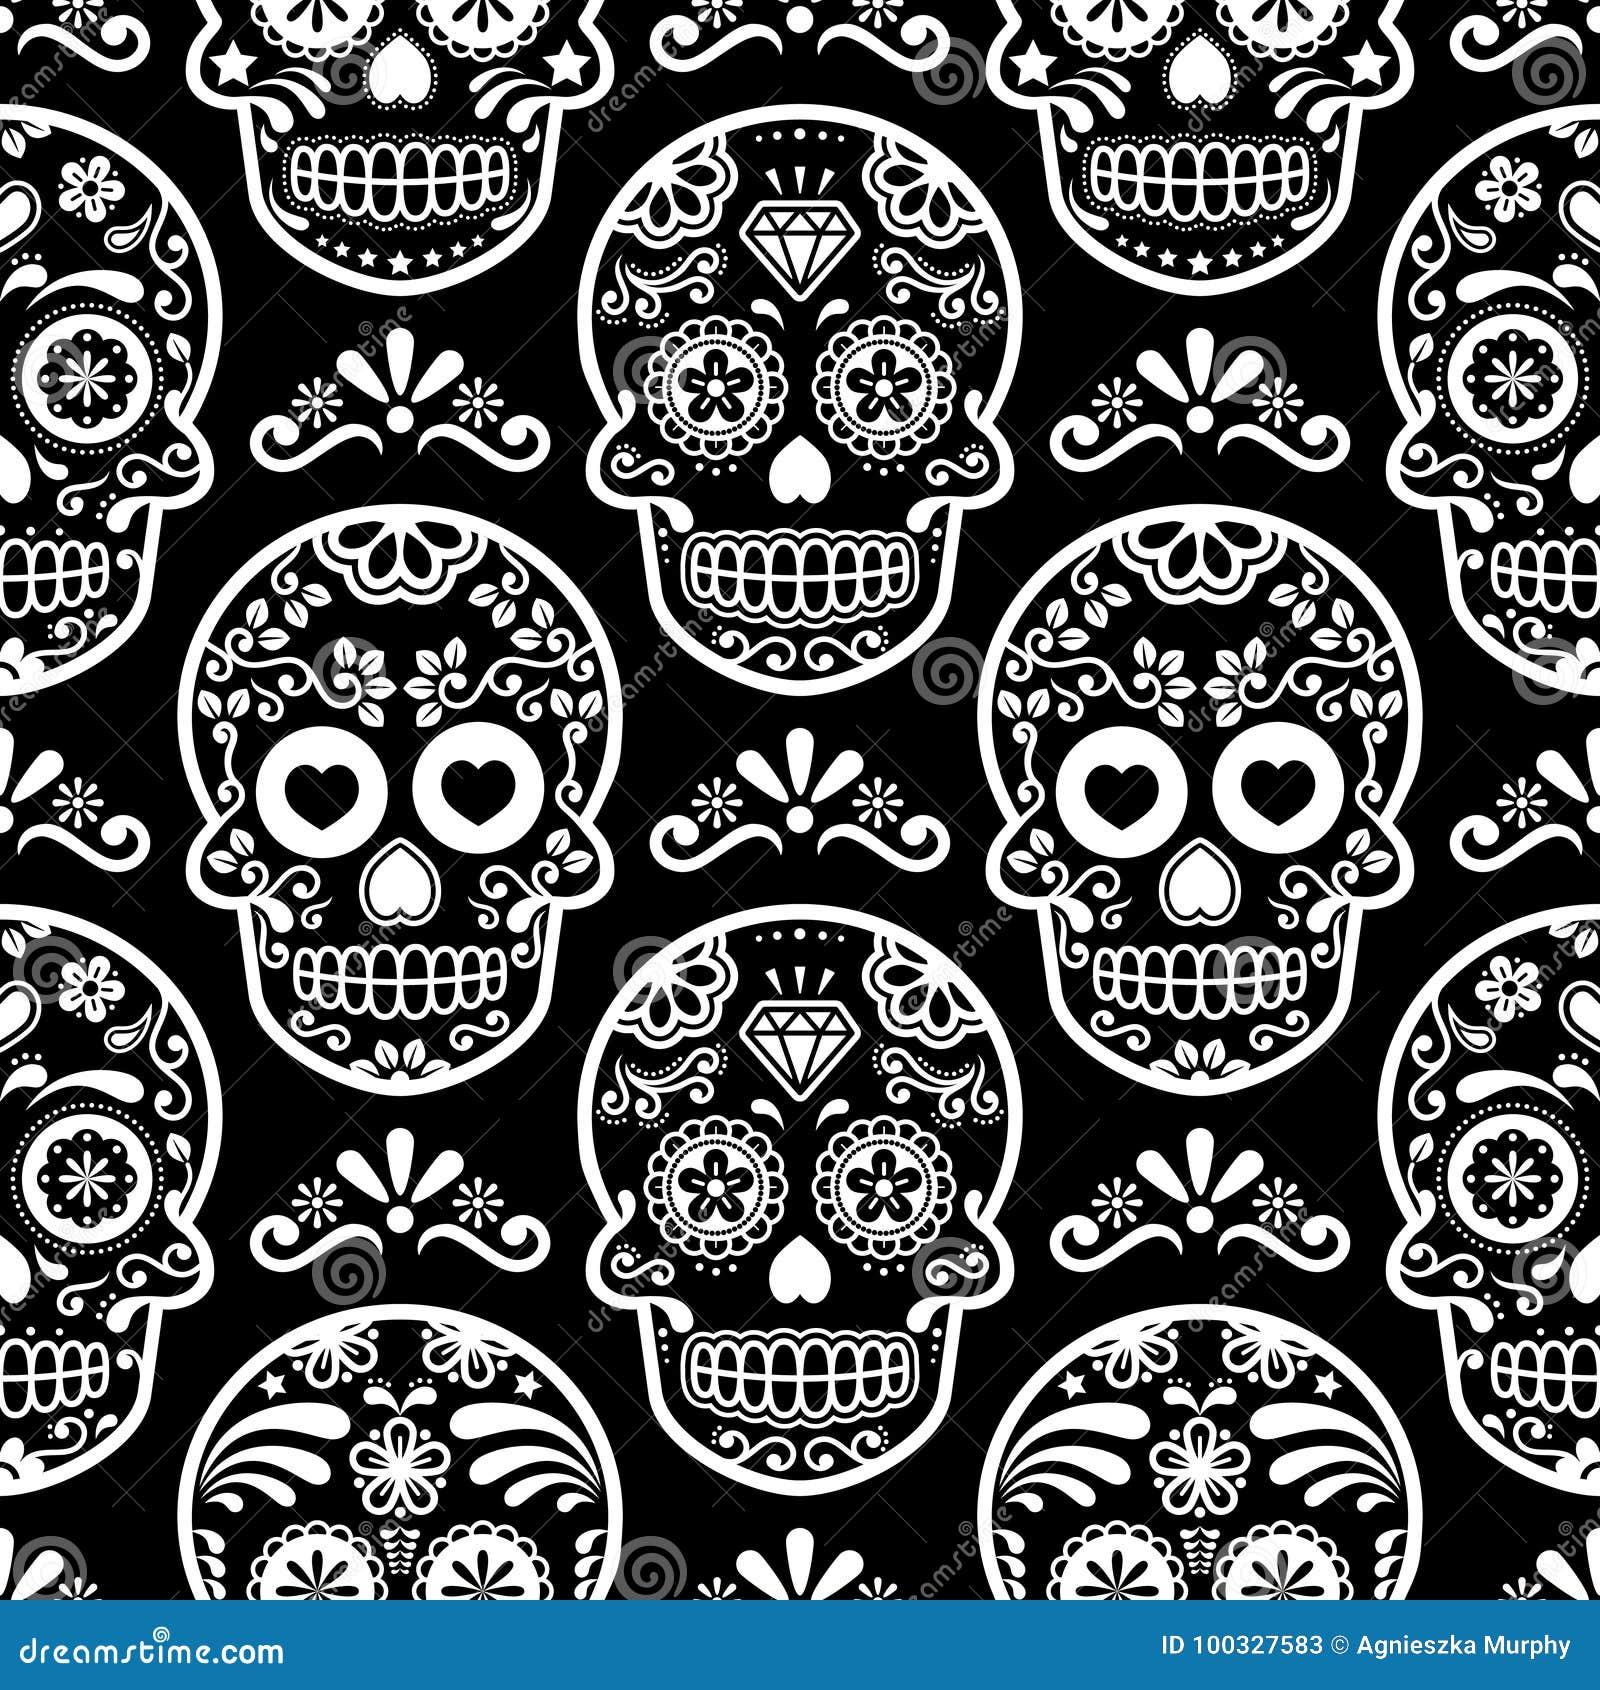 Modelo inconsútil en negro, cráneos blancos fondo, día de la celebración muerta, Calave del cráneo mexicano del azúcar del carame